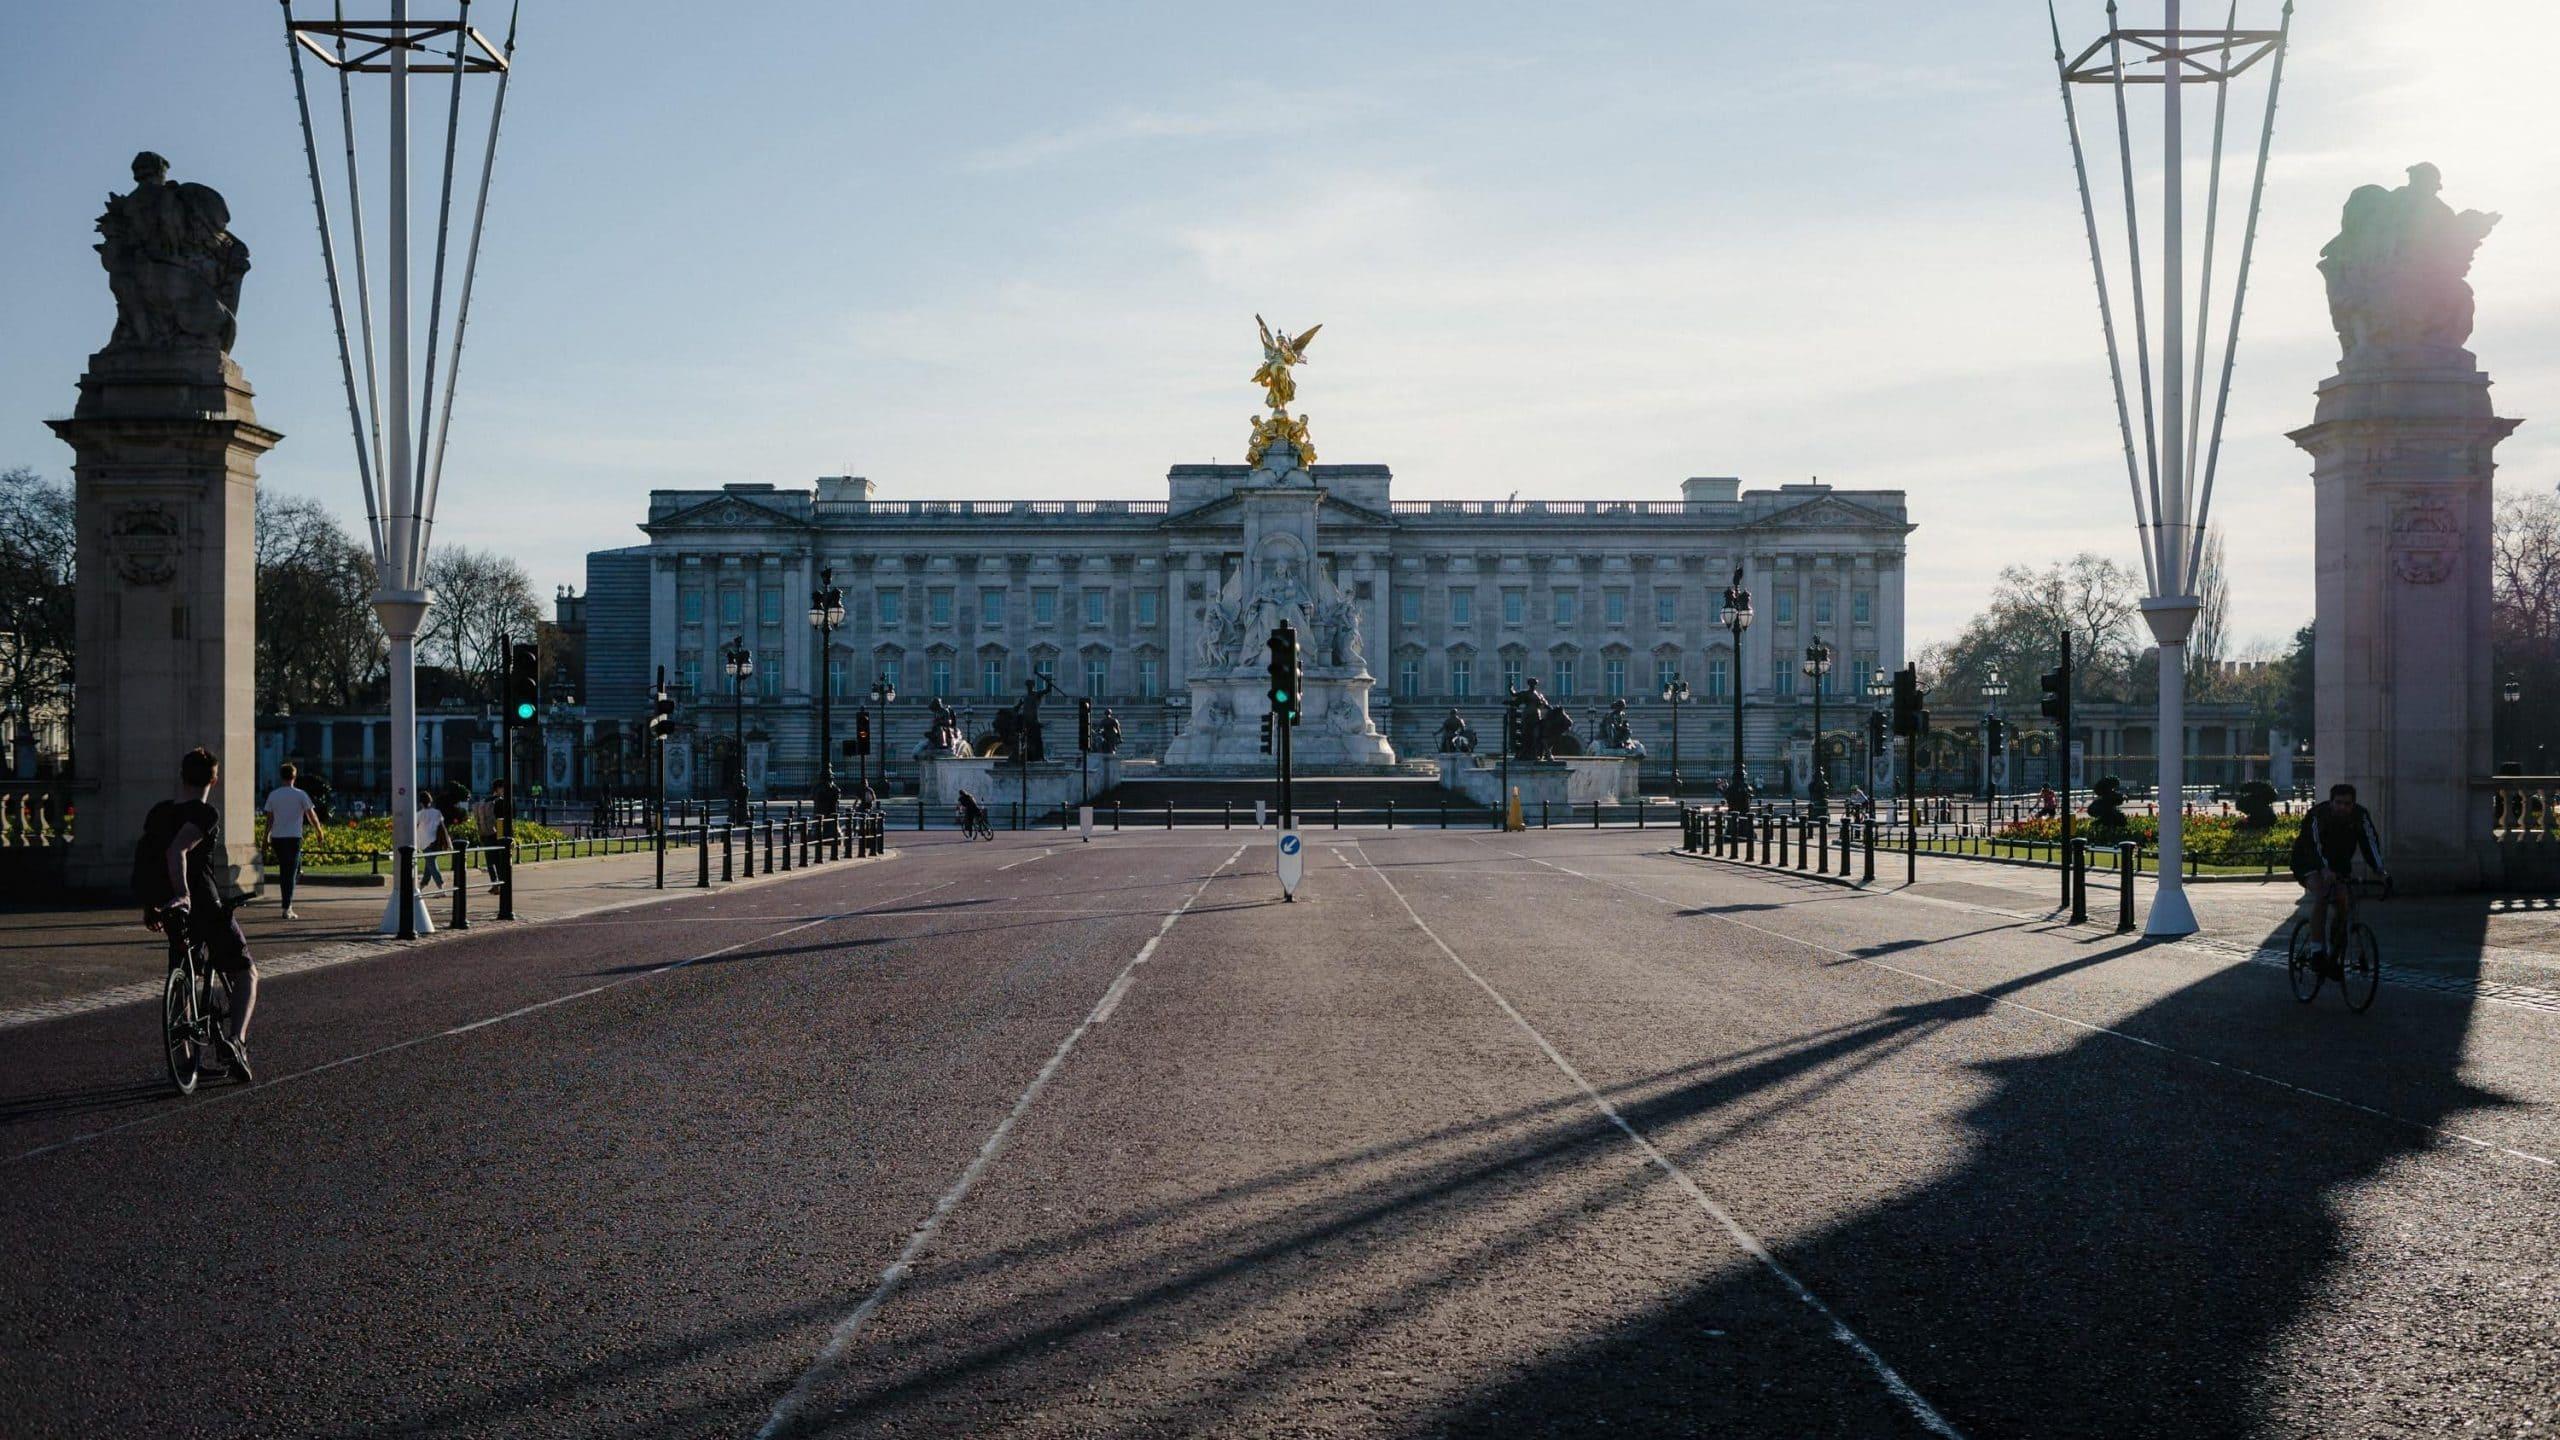 Buckingham Palace Famous London Landmarks